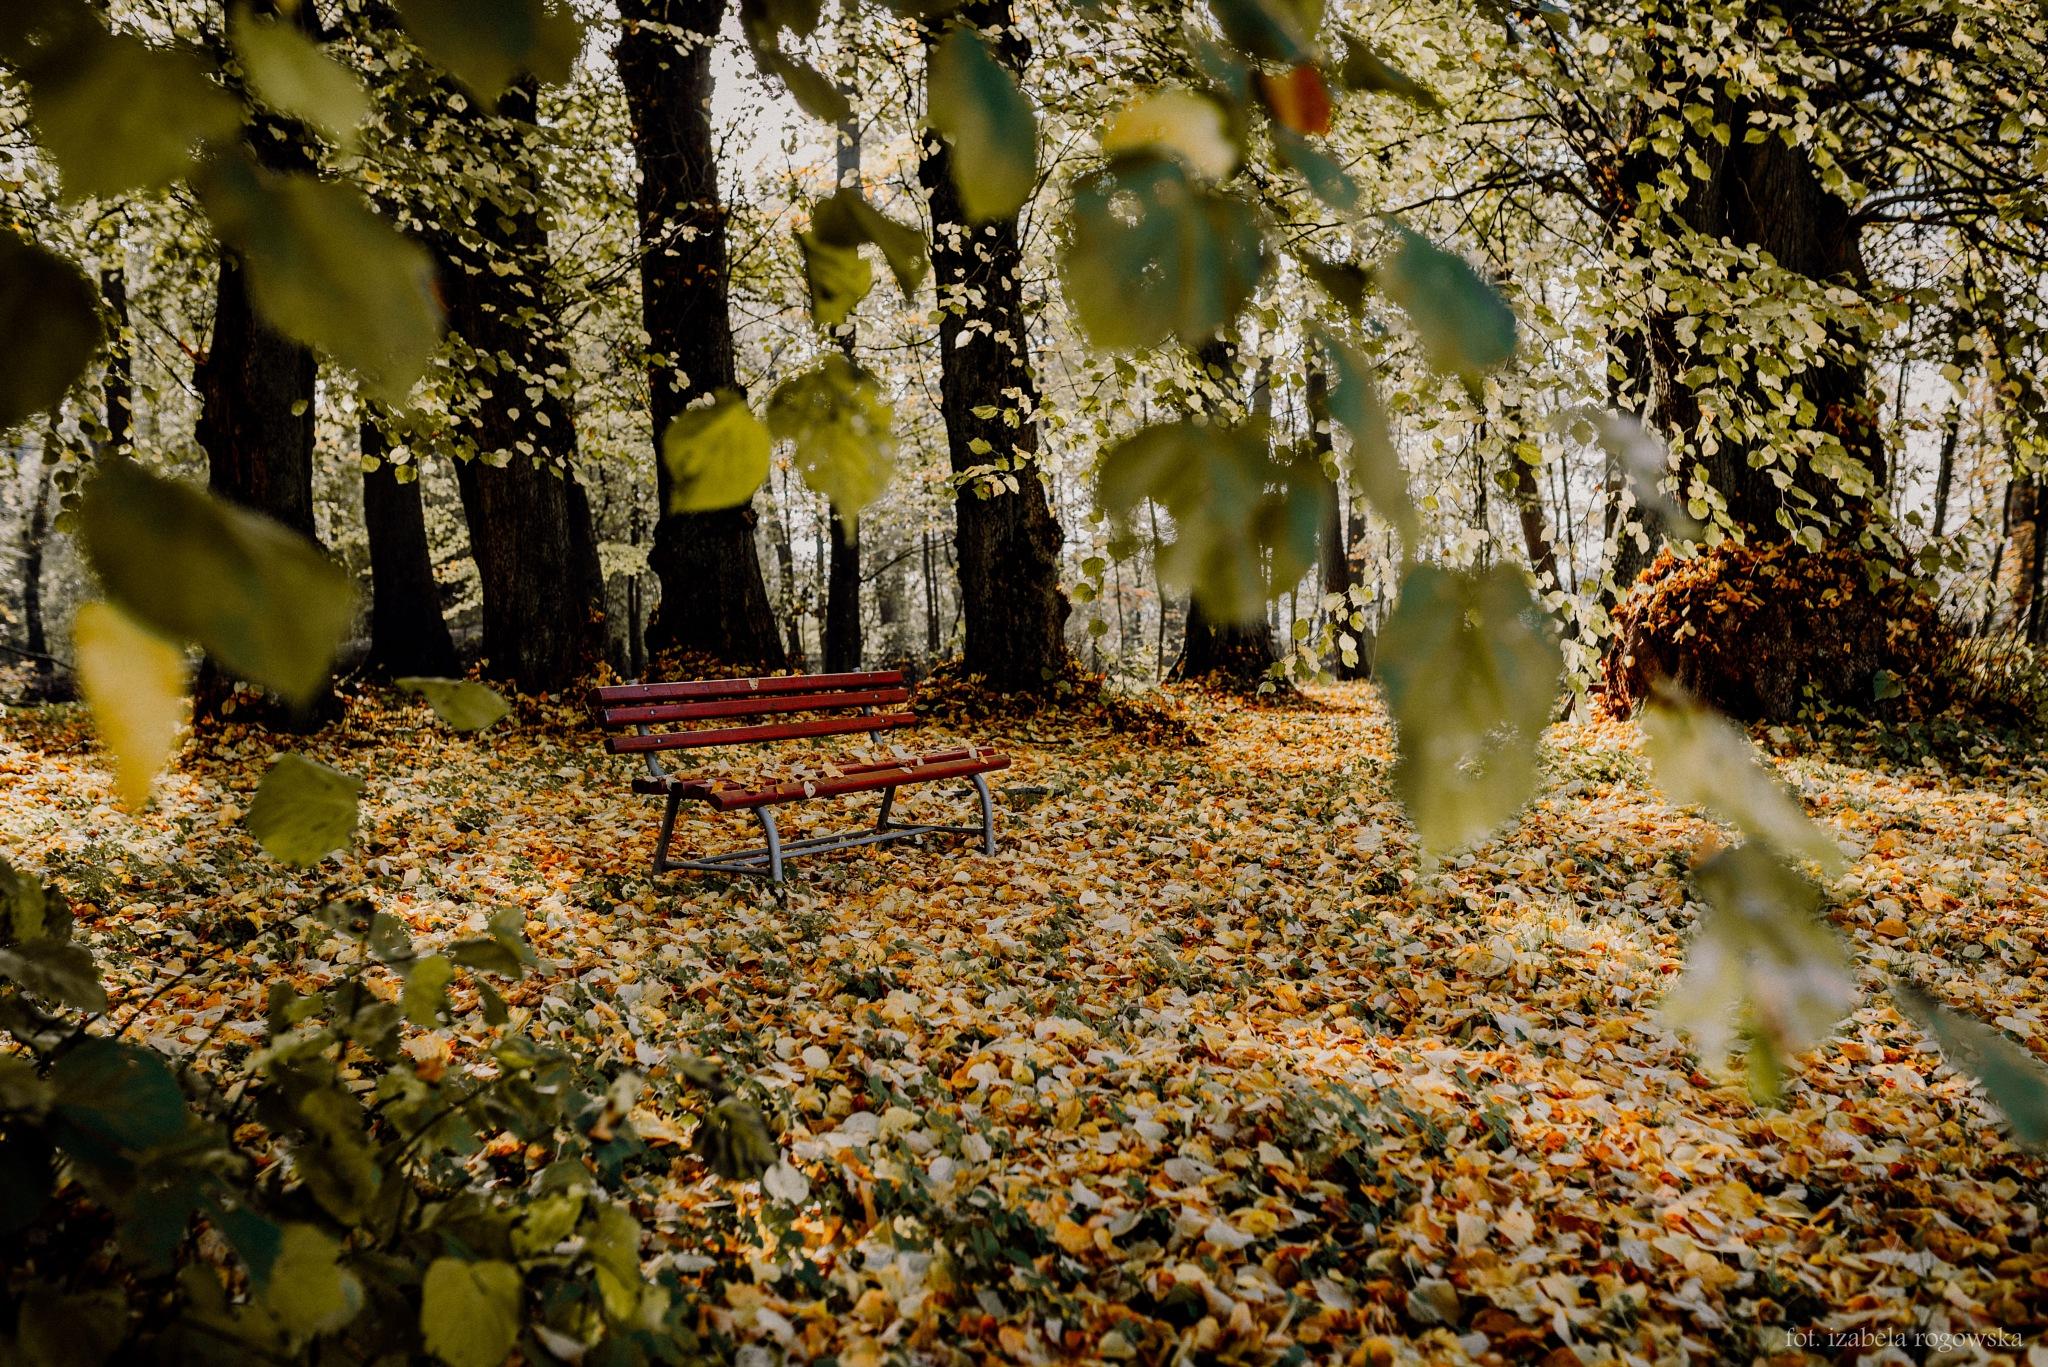 Autumn by Izabela Rogowska